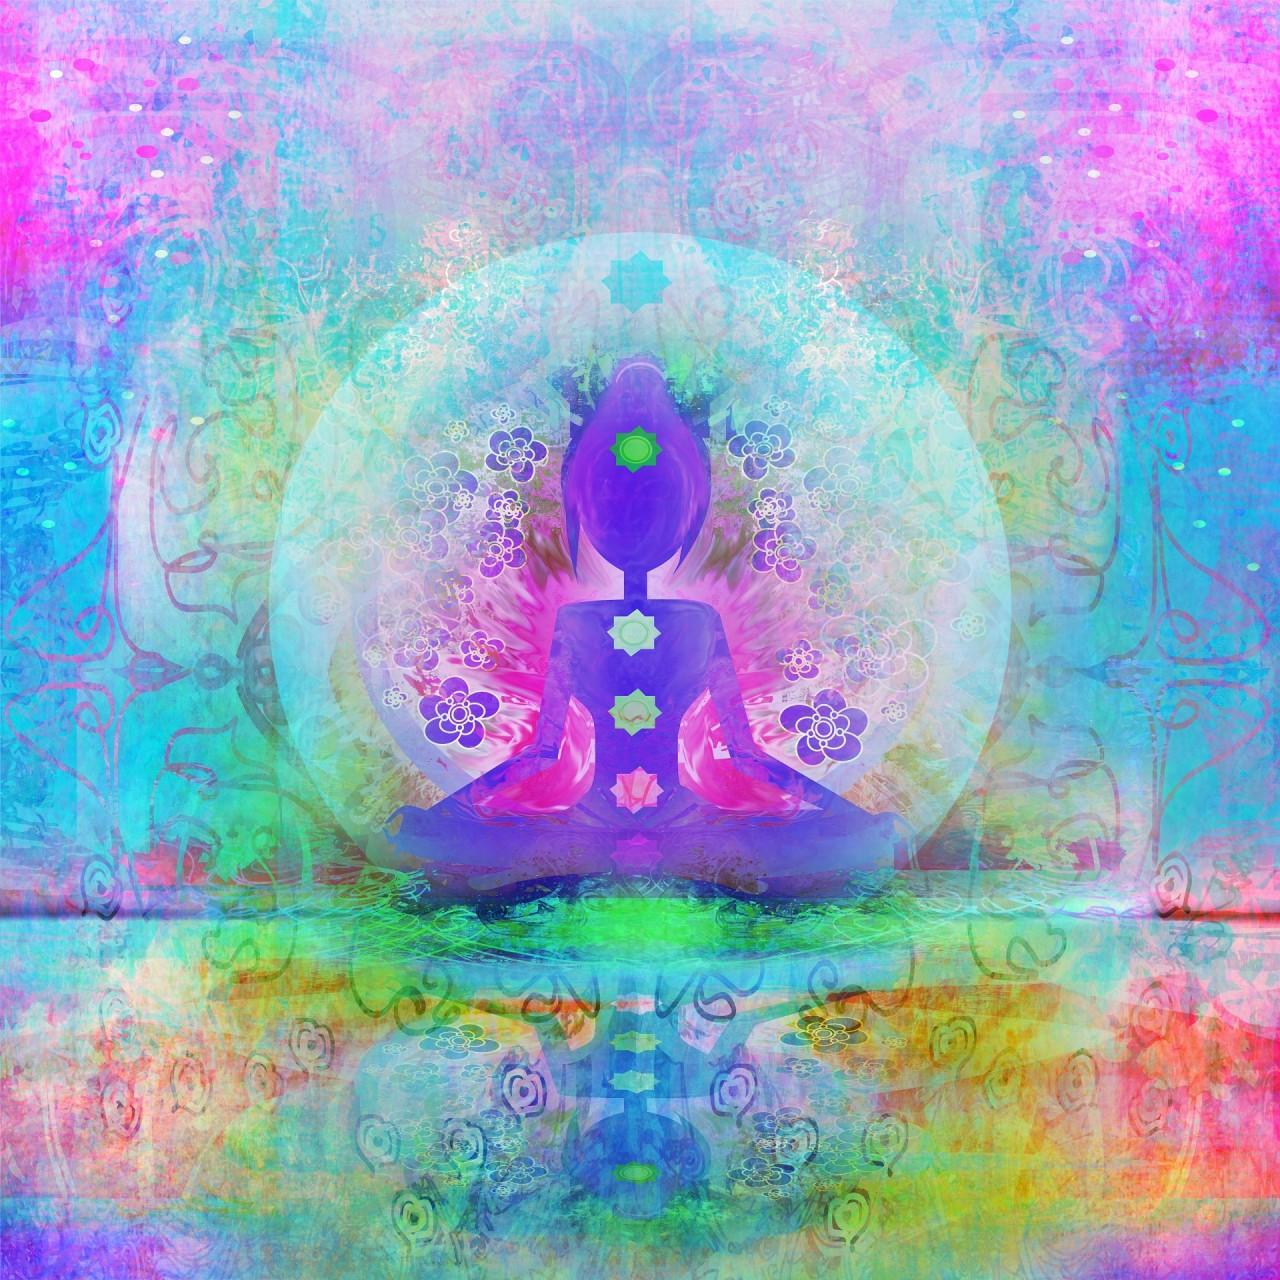 В чем польза мантр, Различные мантры для медитации, Как правильно медитировать, что такое мантра-медитация